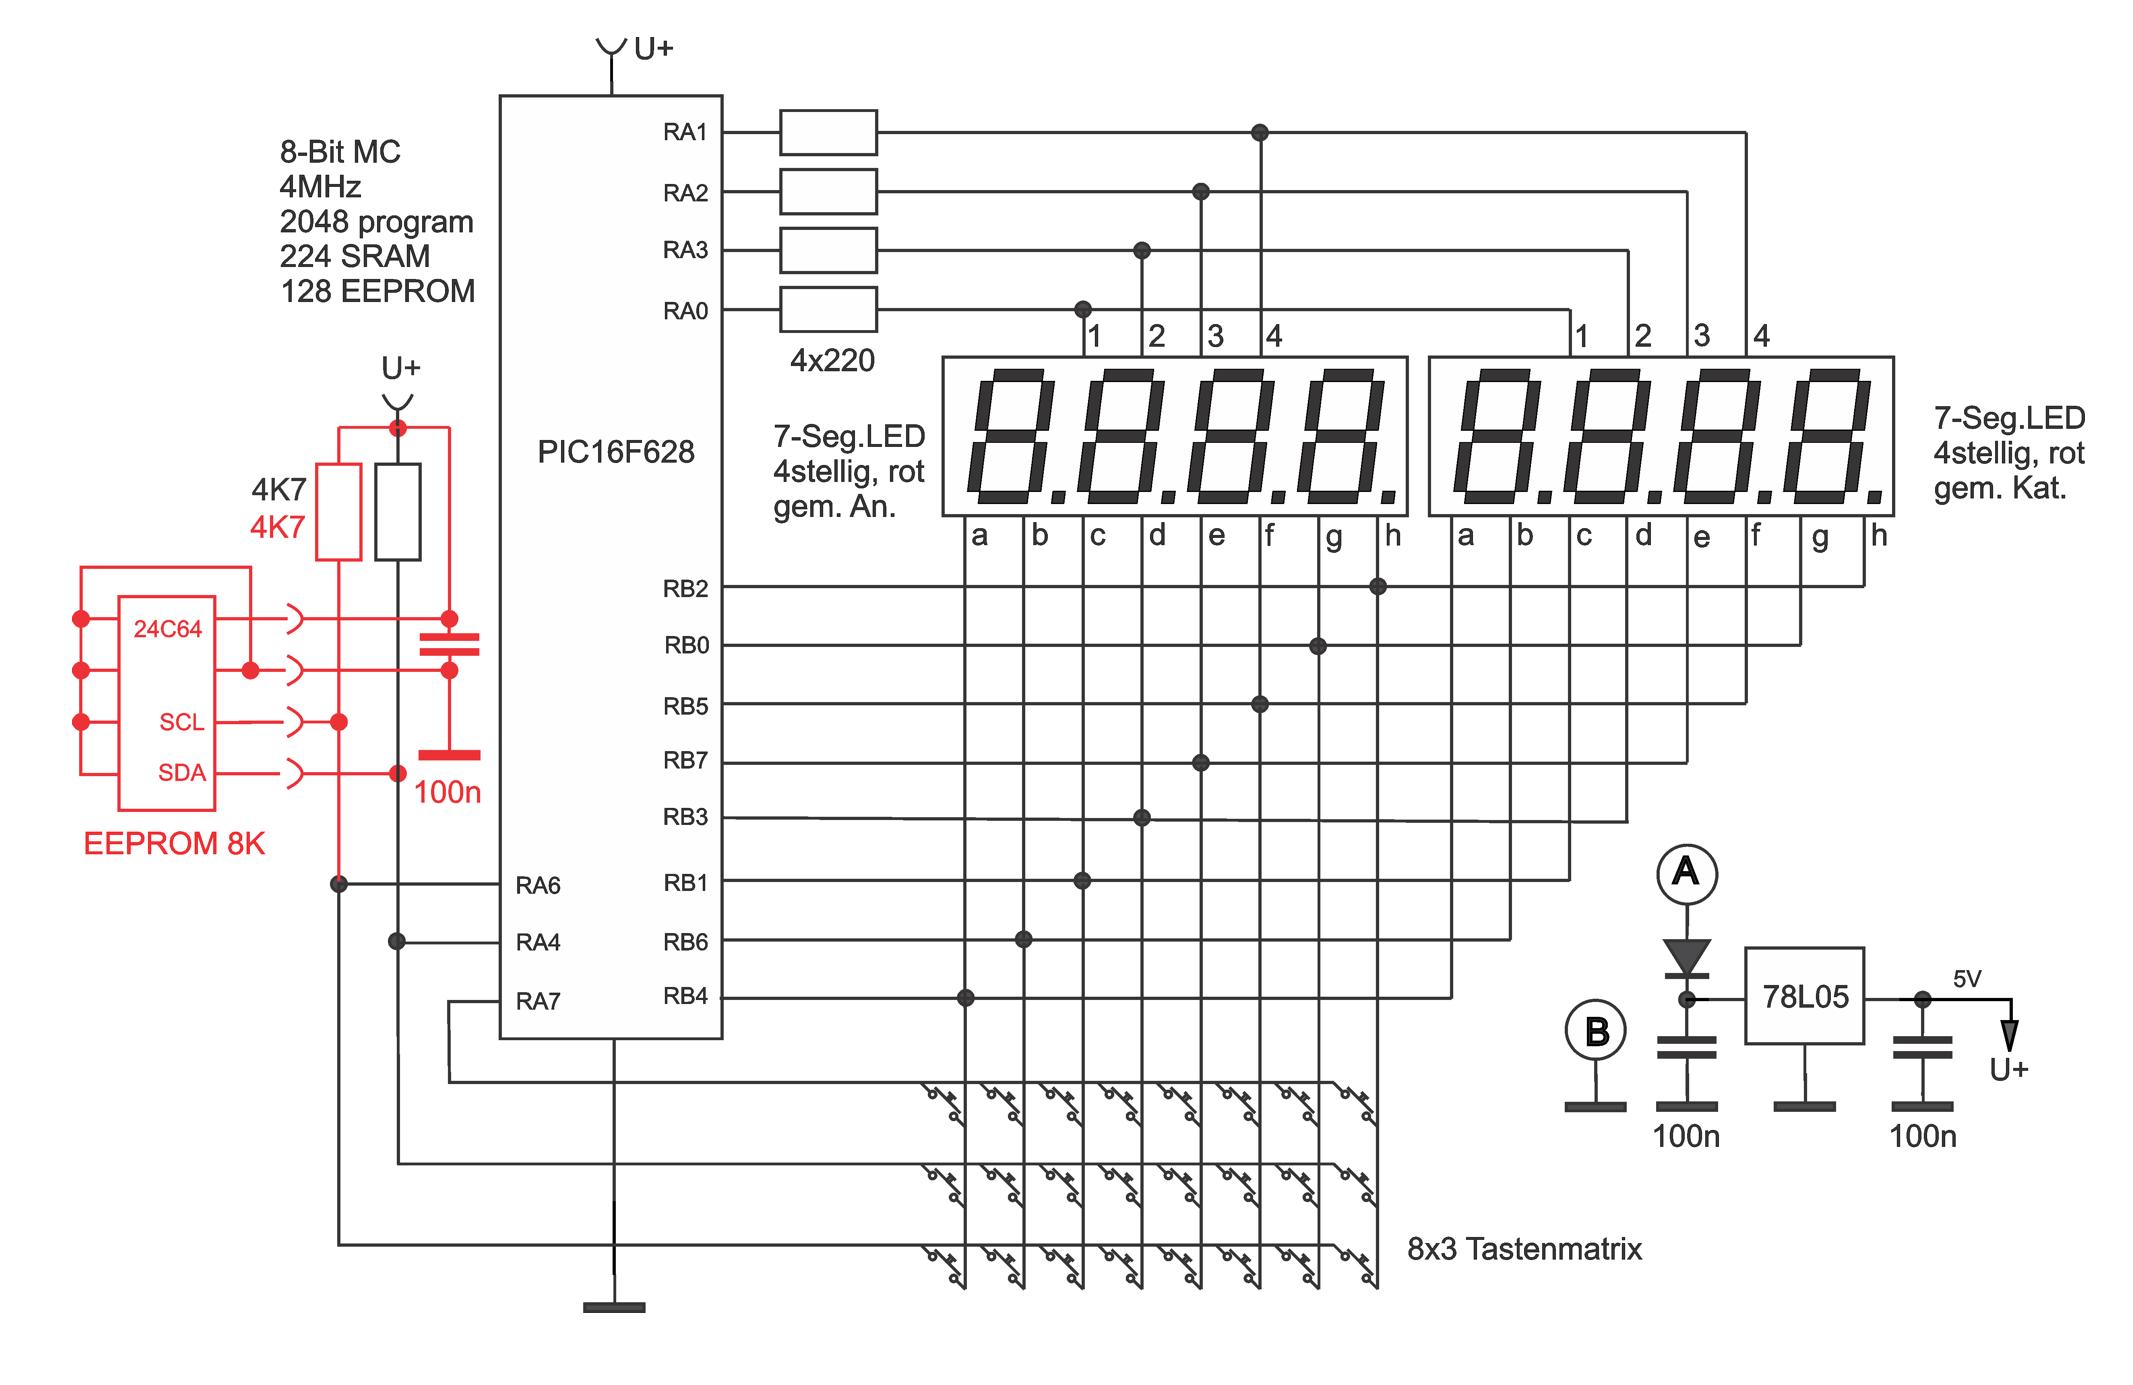 Ungewöhnlich Kat 6 Schaltpläne 568a Vs 568b Bilder - Schaltplan ...